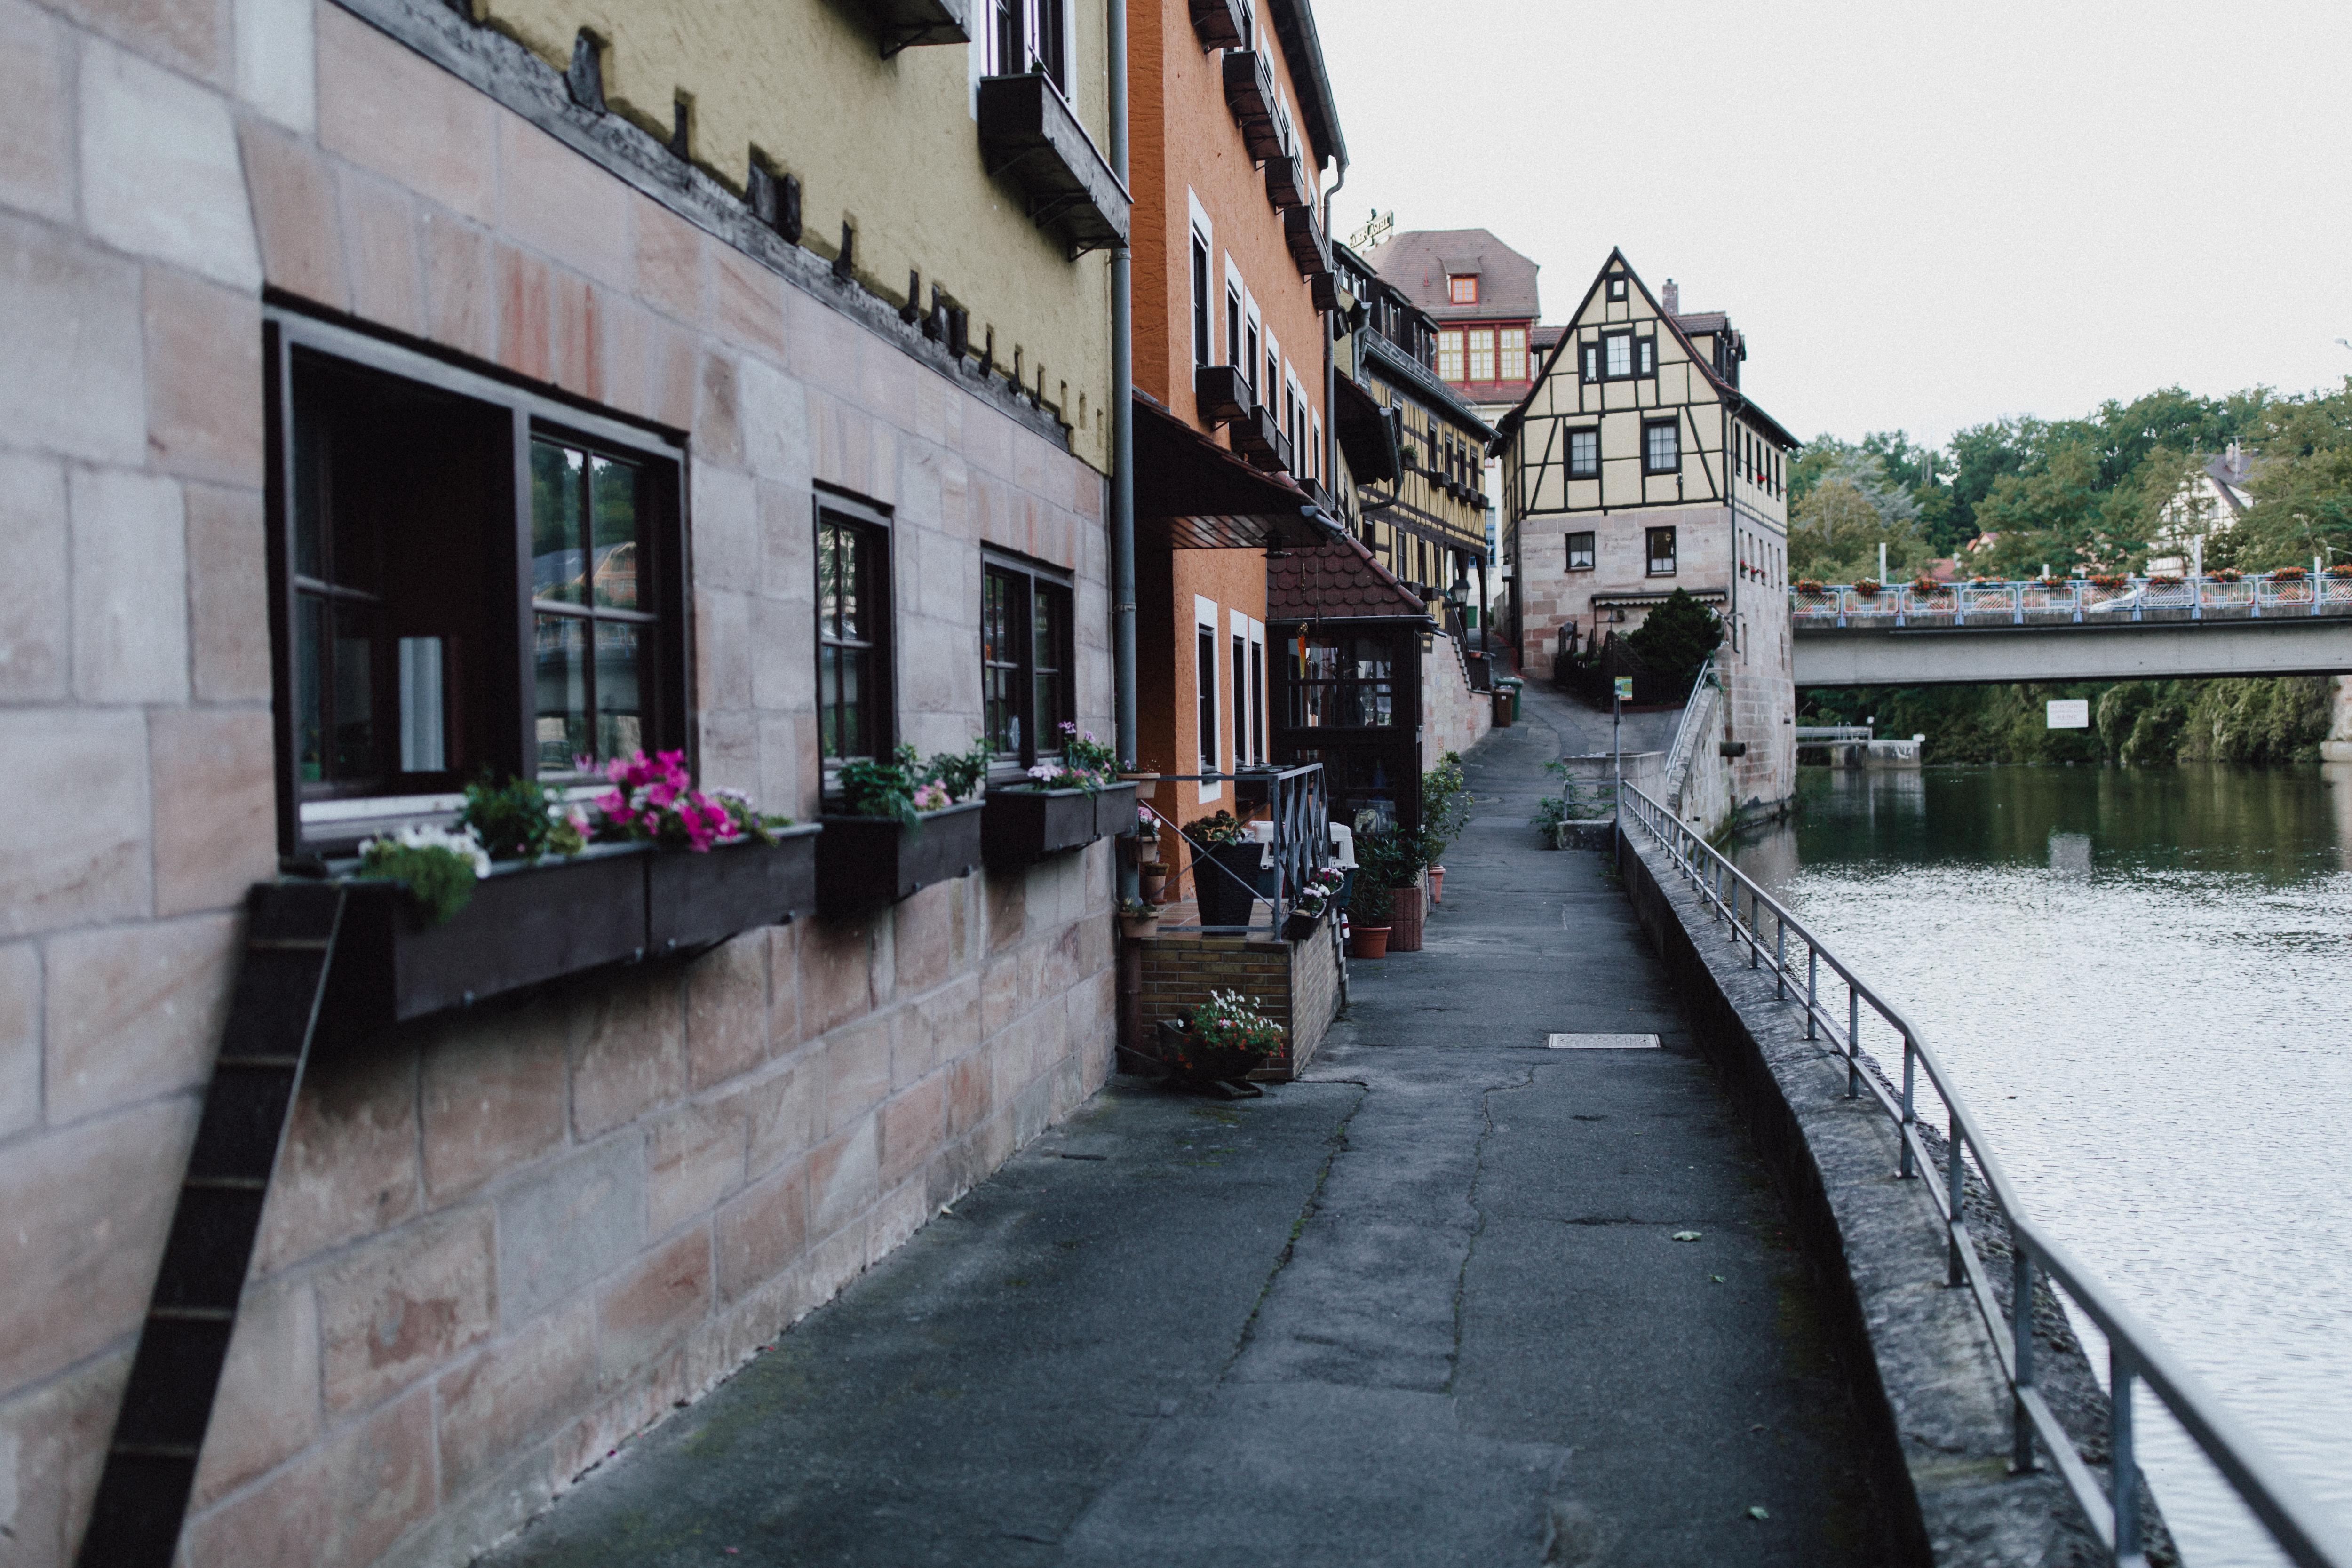 URBANERIE_Daniela_Goth_Fotografin_Nürnberg_Fürth_Erlangen_Schwabach_170906_001_0072